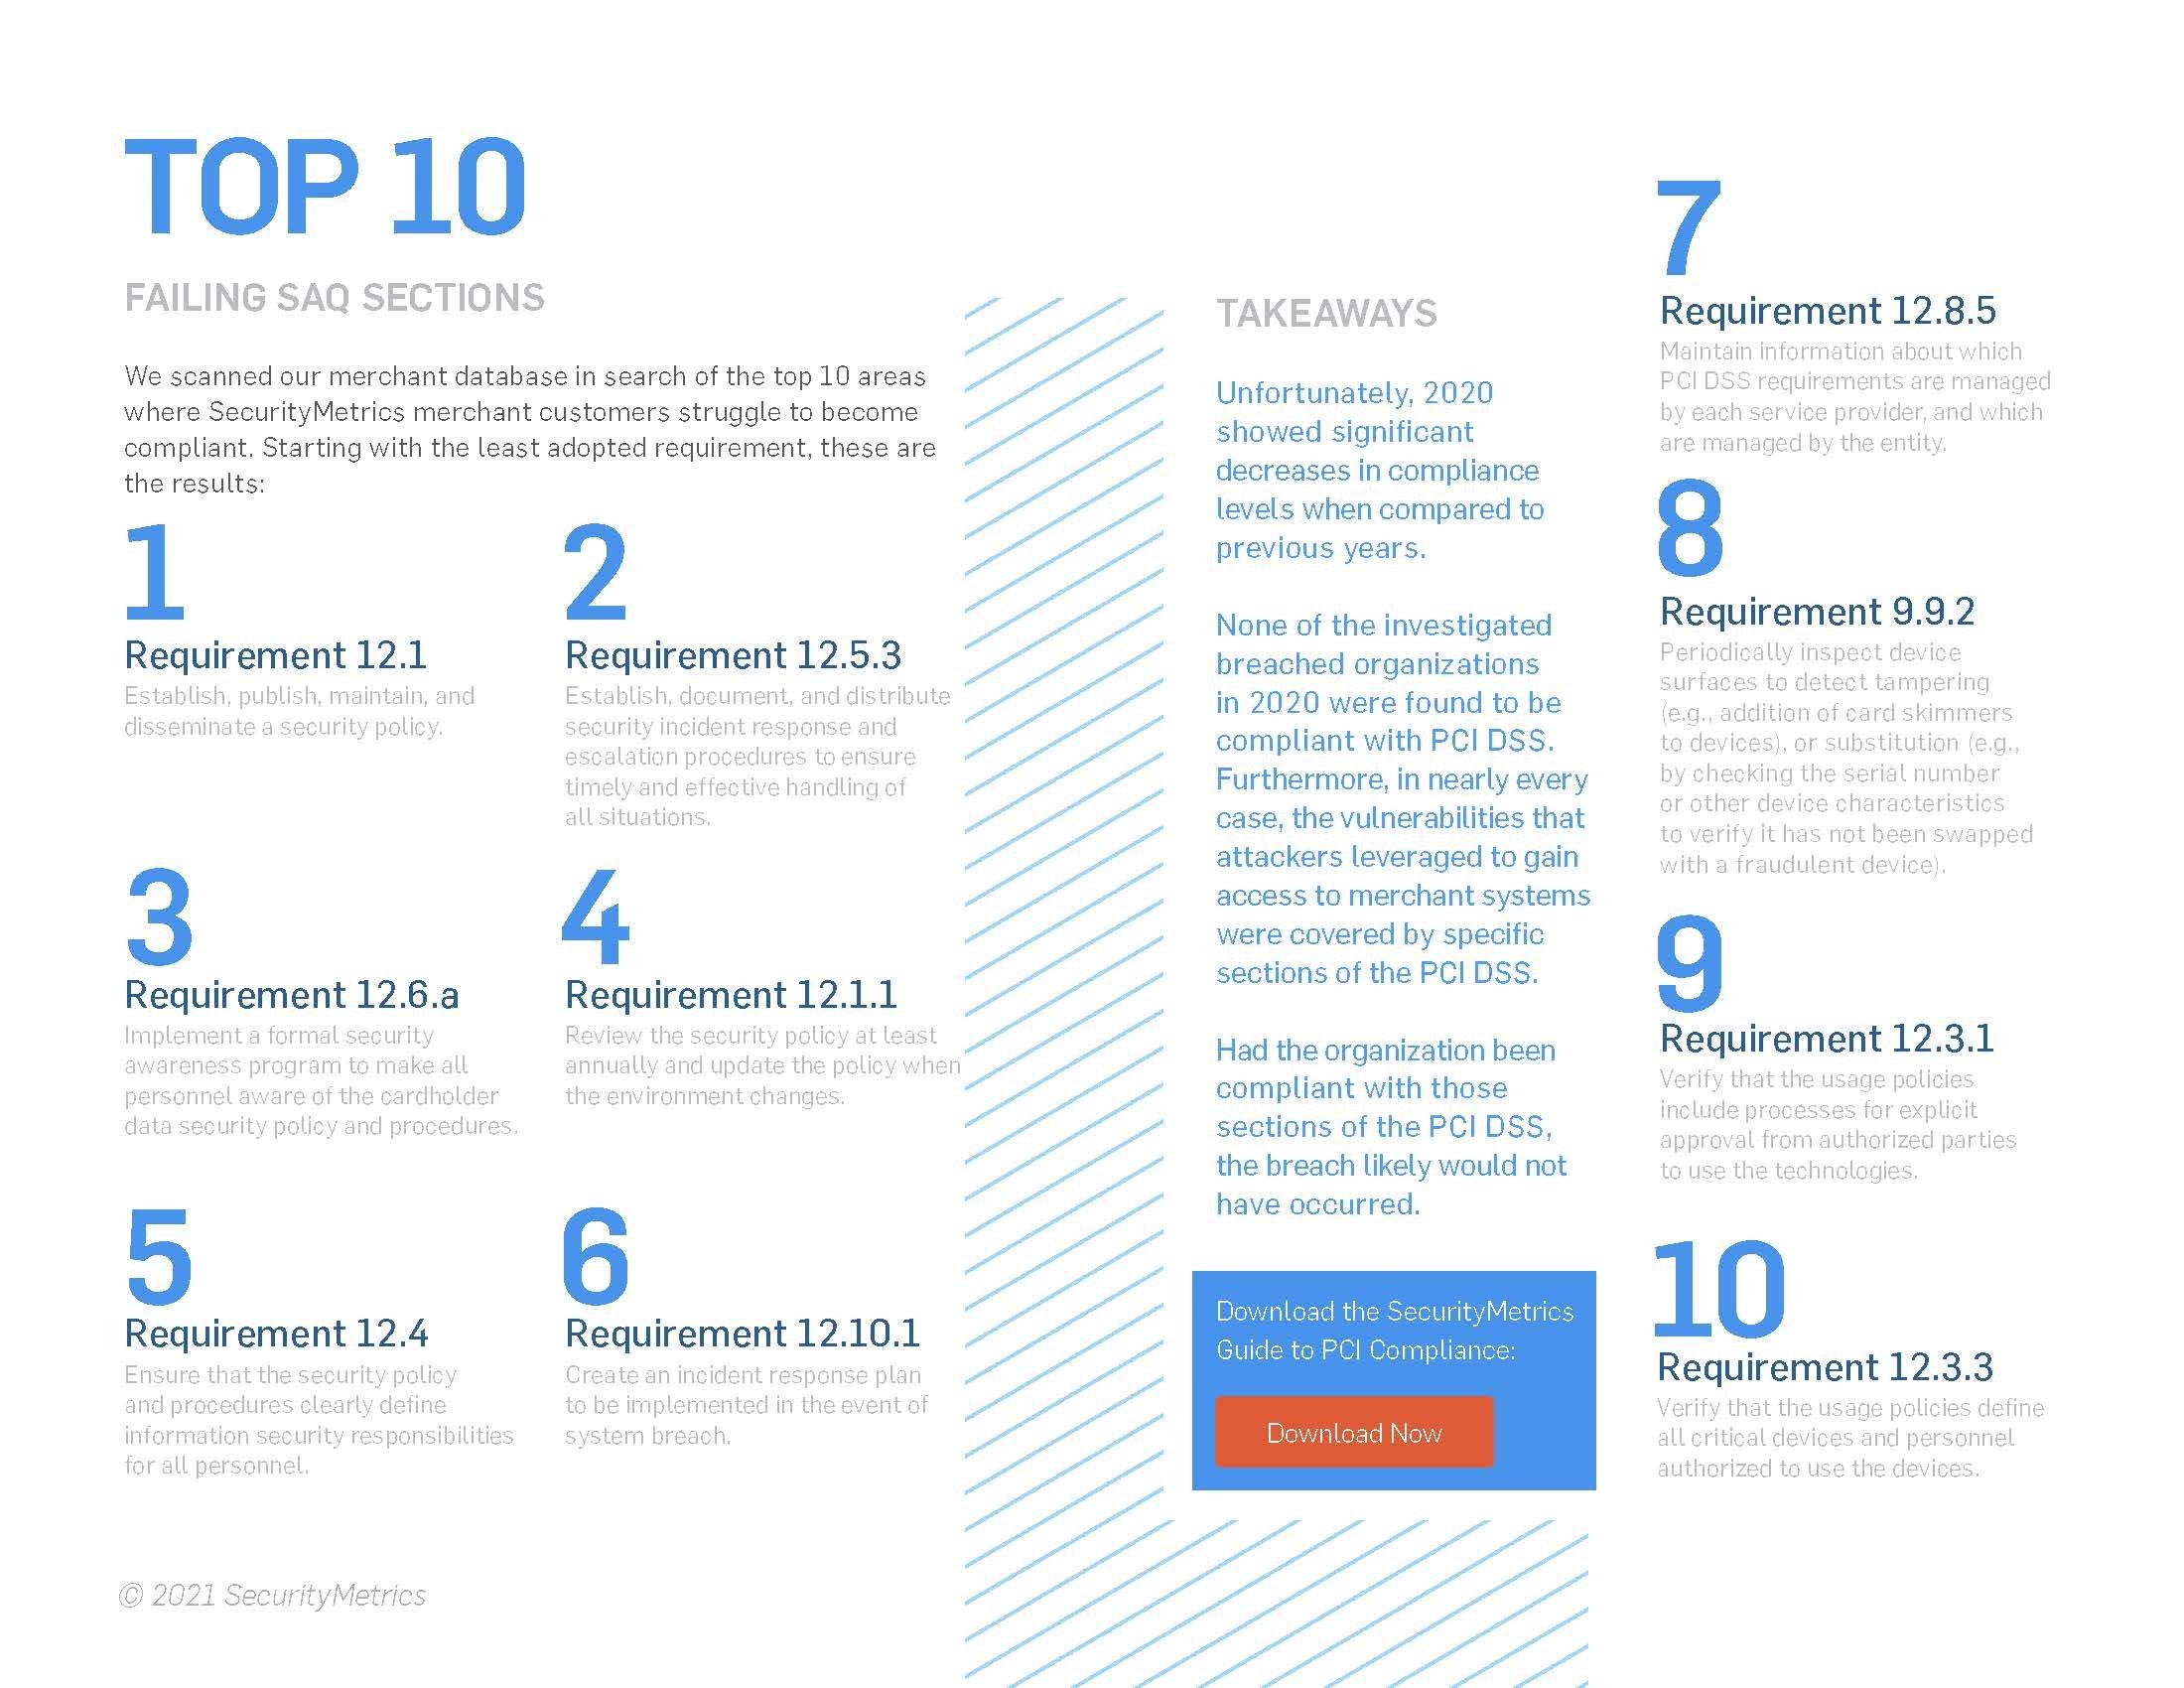 Top 10 PCI FAQ Failures